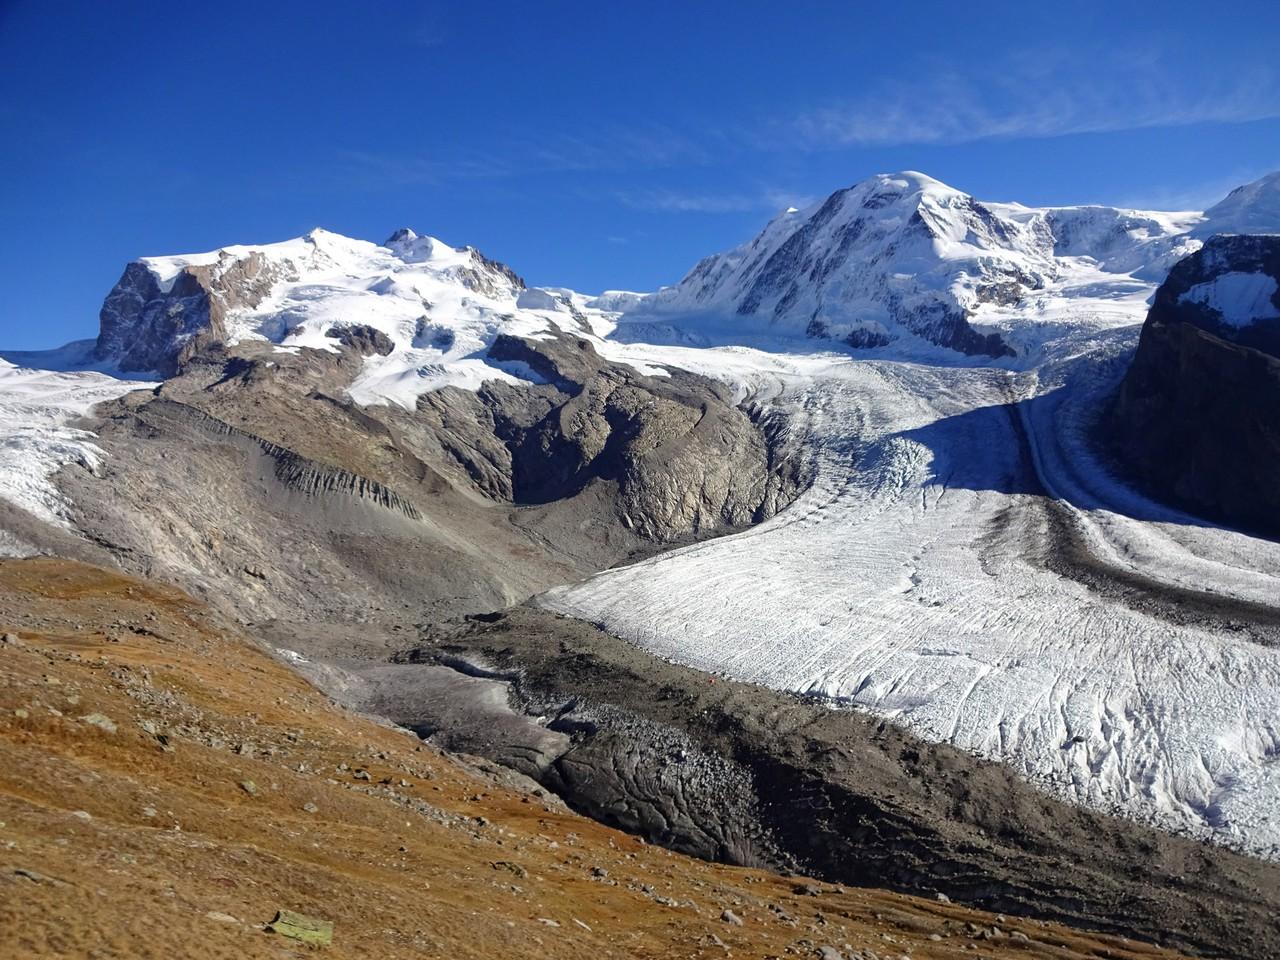 Gorner glacier (Credit: M. Huss)